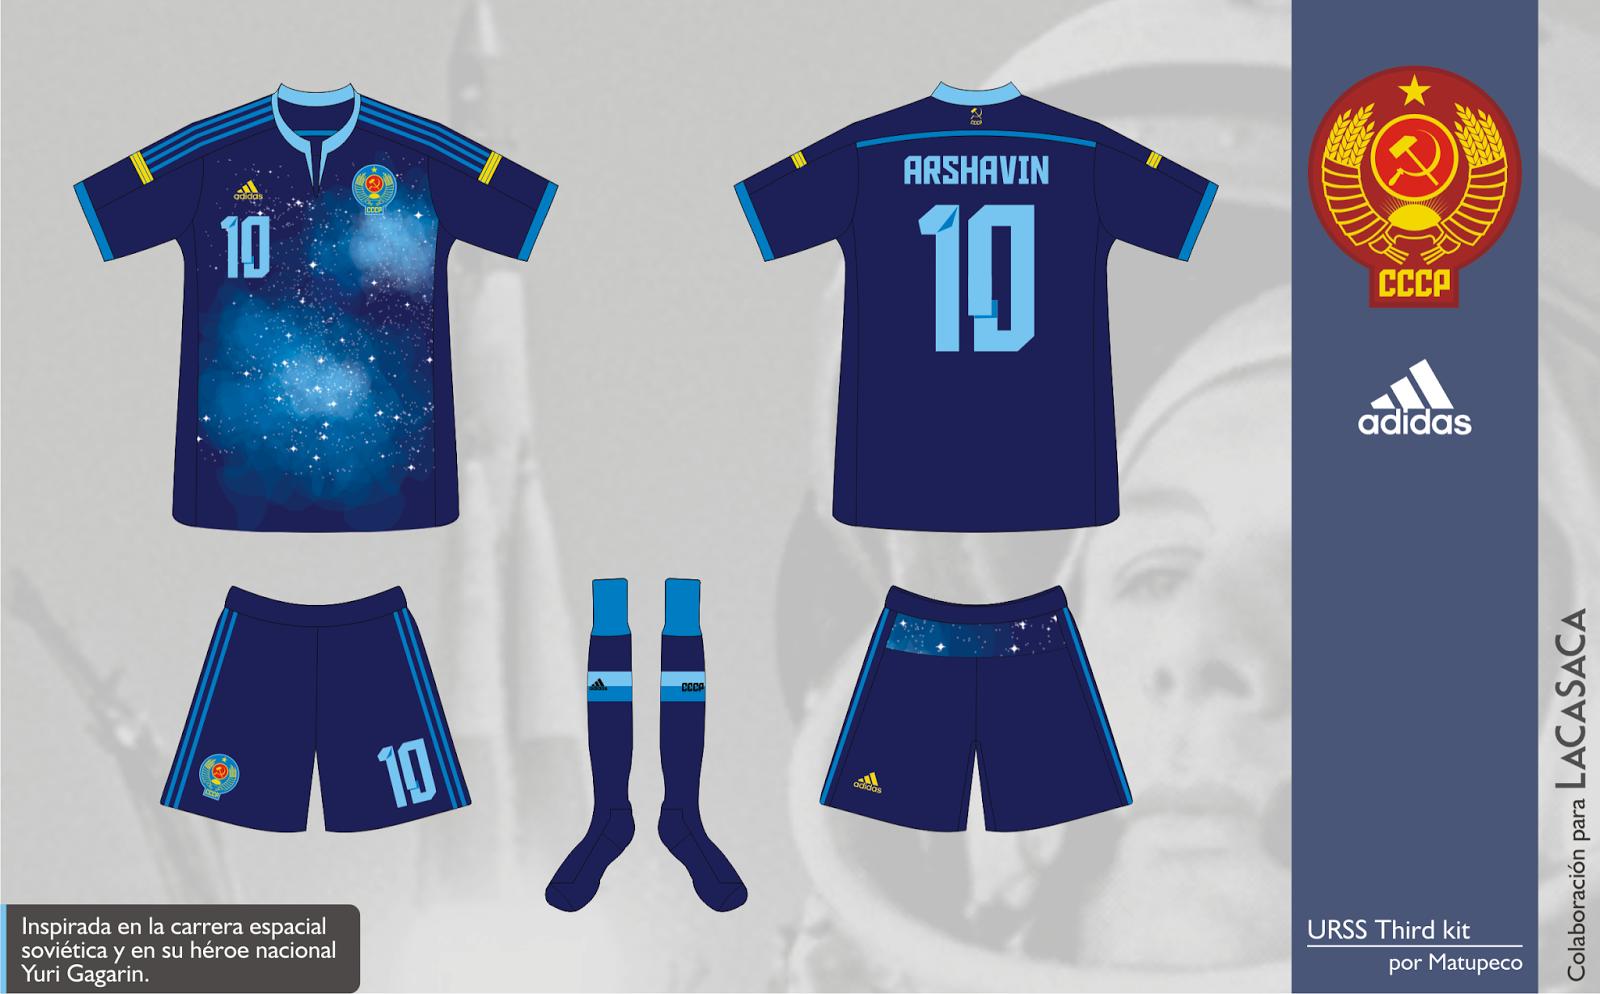 Imagenes De Uniformes De Futbol Del Mundo - Los uniformes más peculiares de la temporada 2015 2015